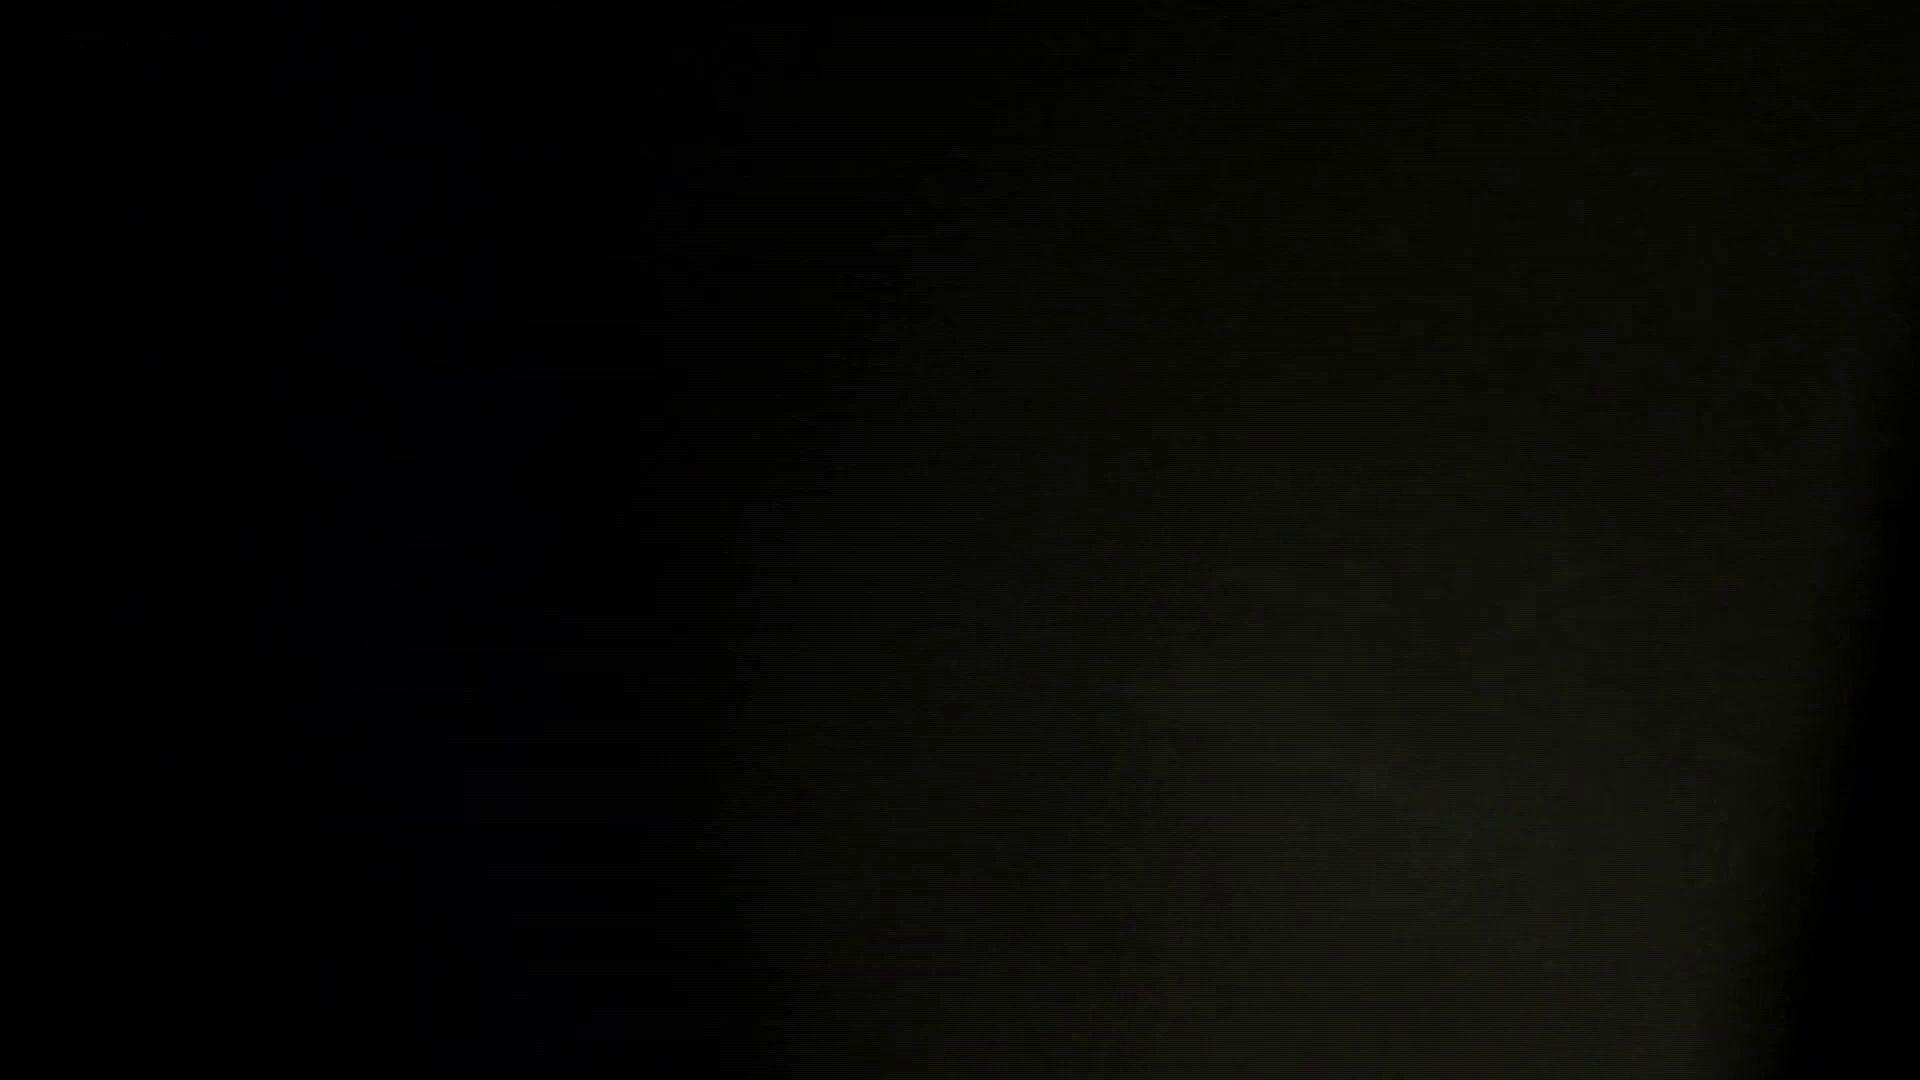 ステーション編 vol40 更に画質アップ!!無料動画のモデルつい登場3 高画質  91画像 24